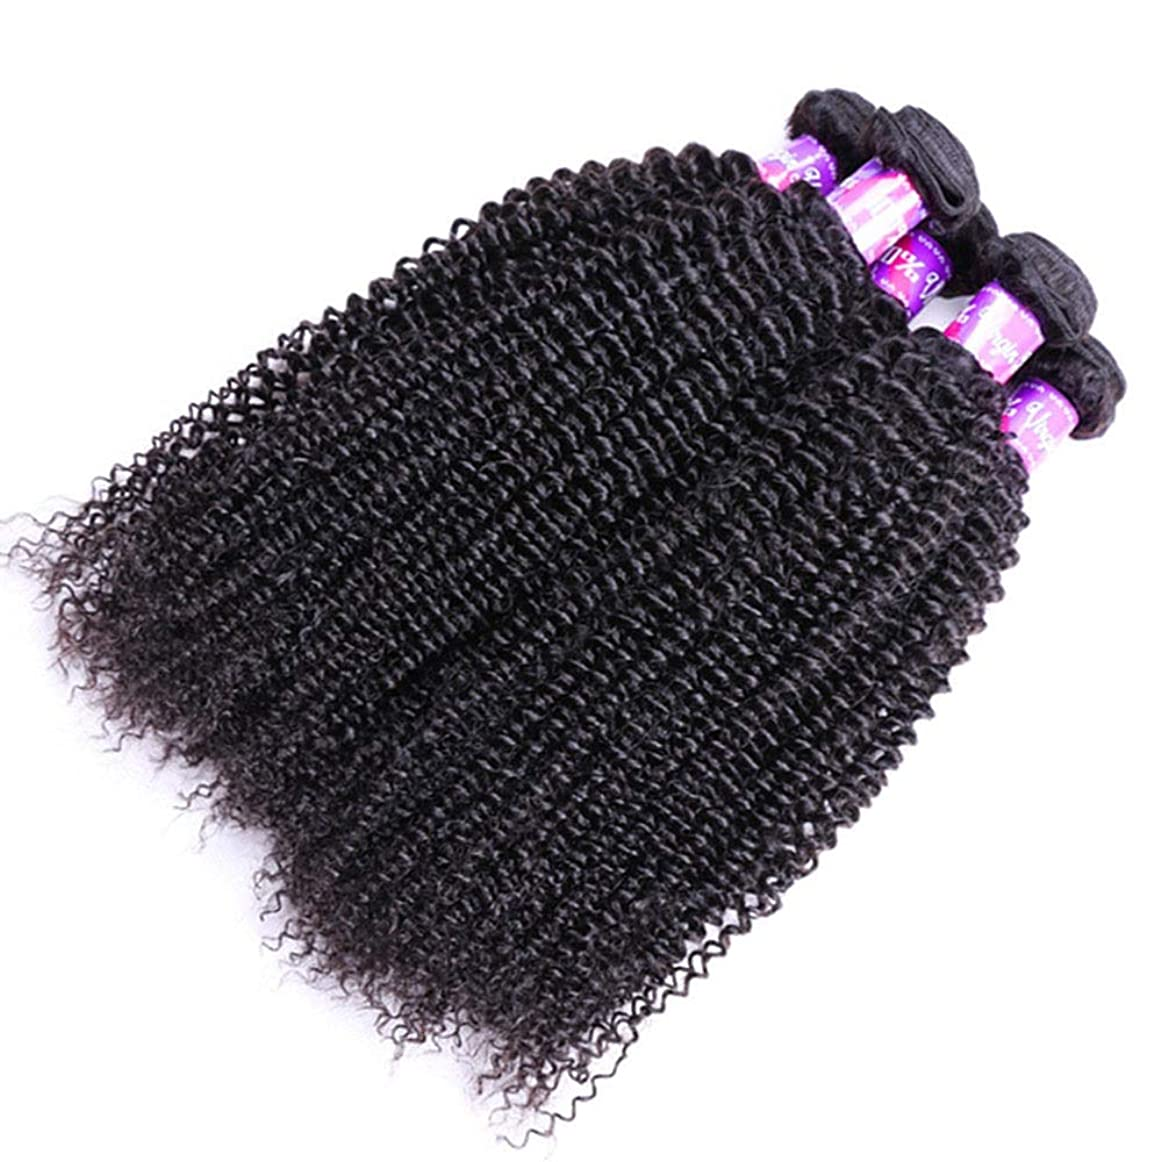 ごちそうそんなに修理可能Yrattary ブラジルの変態巻き毛の束100%の未処理のRemy人間の毛髪の拡張子深い巻き毛の織り方自然な黒い色女性複合かつらレースかつらロールプレイングかつら (色 : 黒, サイズ : 16 inch)